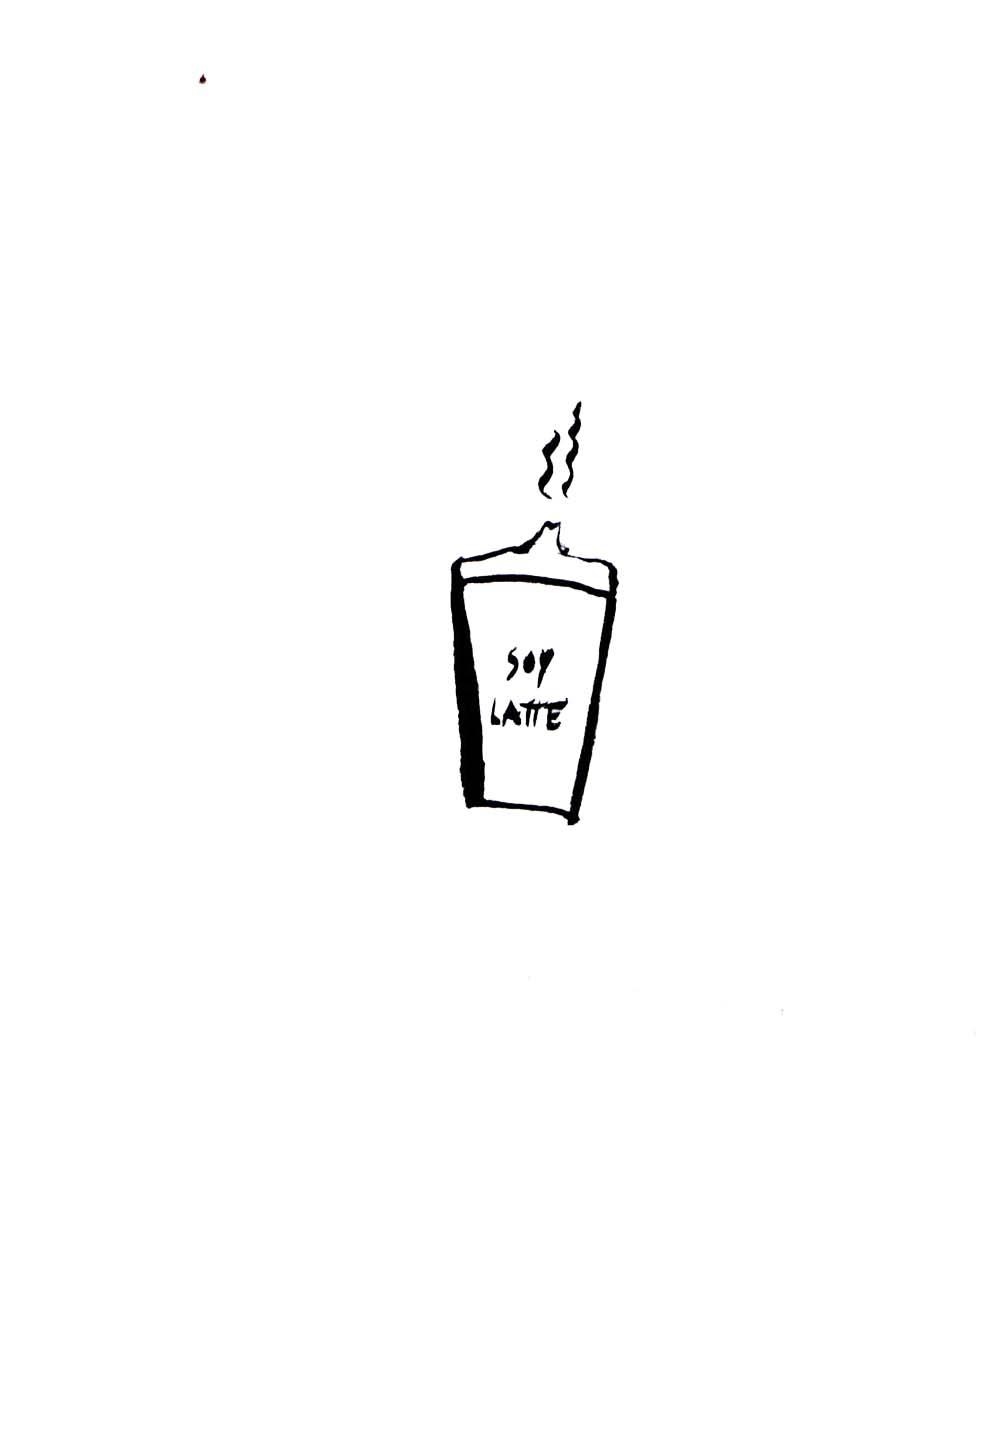 Bilder tumblr zeichnen